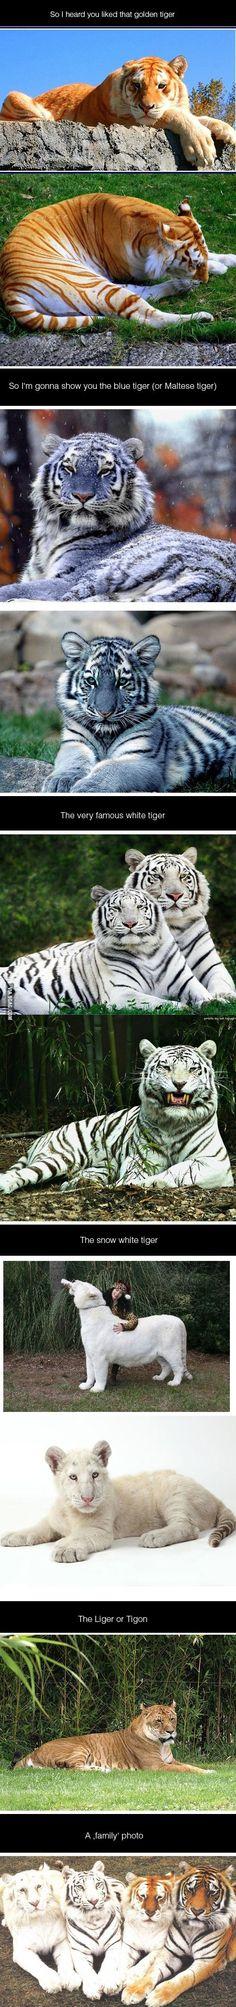 I heard you liked tigers.